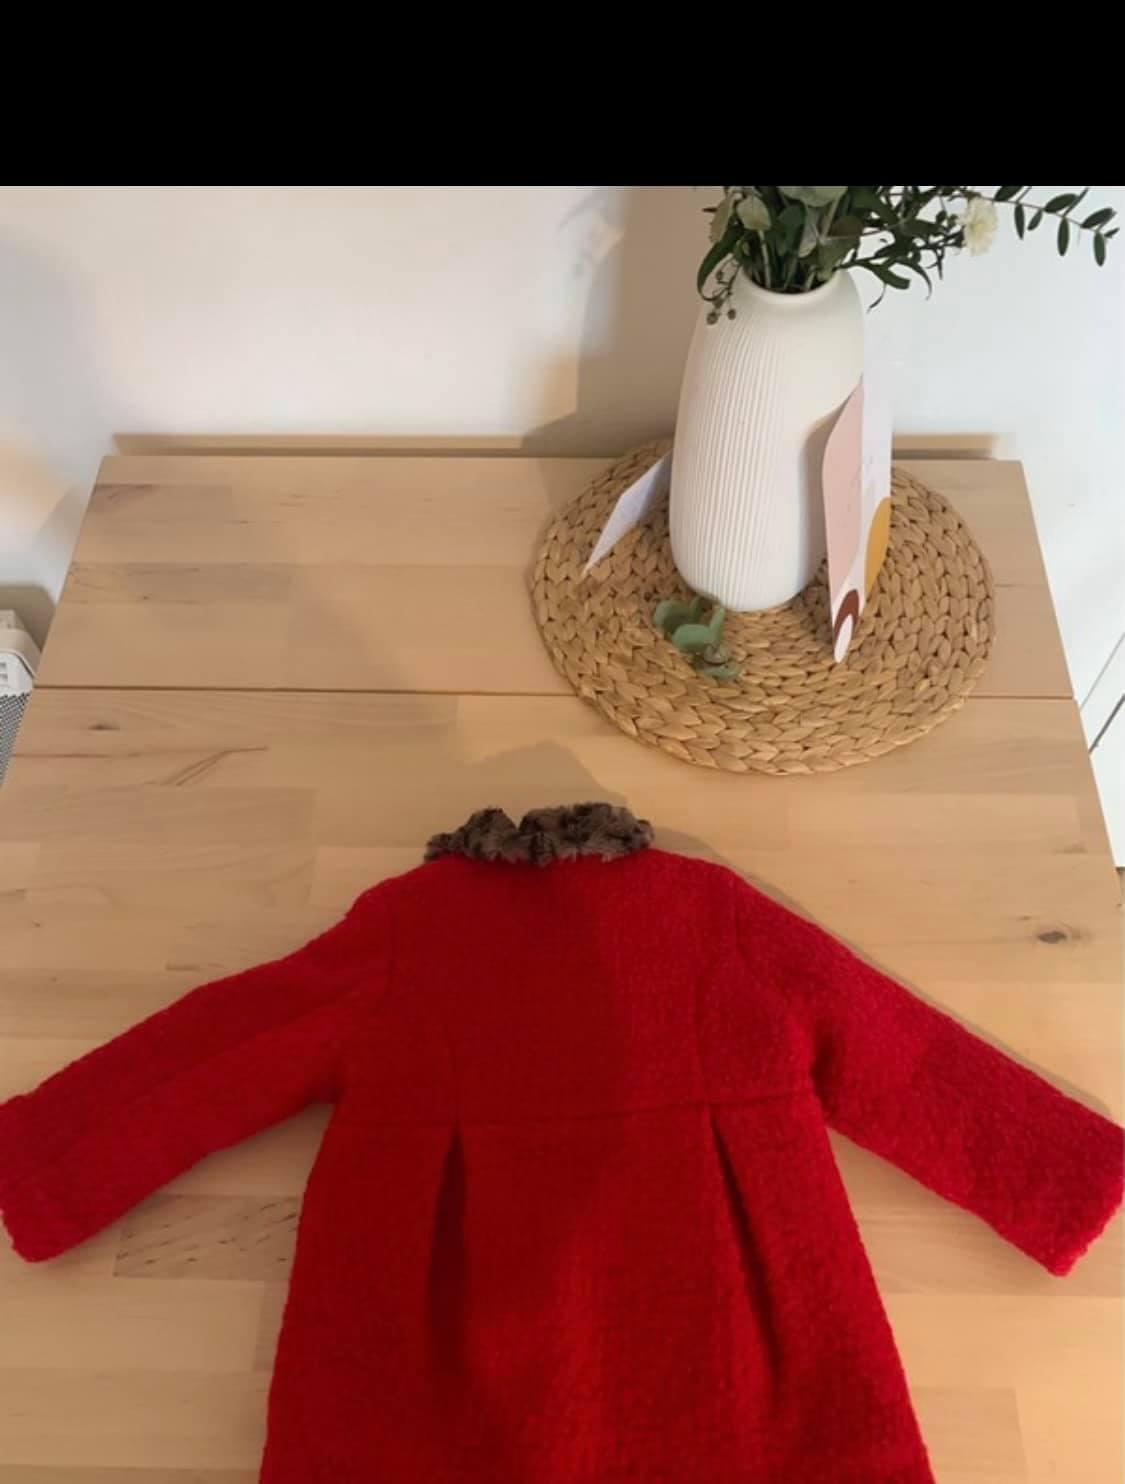 troc de troc manteau rouge catimini , 12 mois image 1